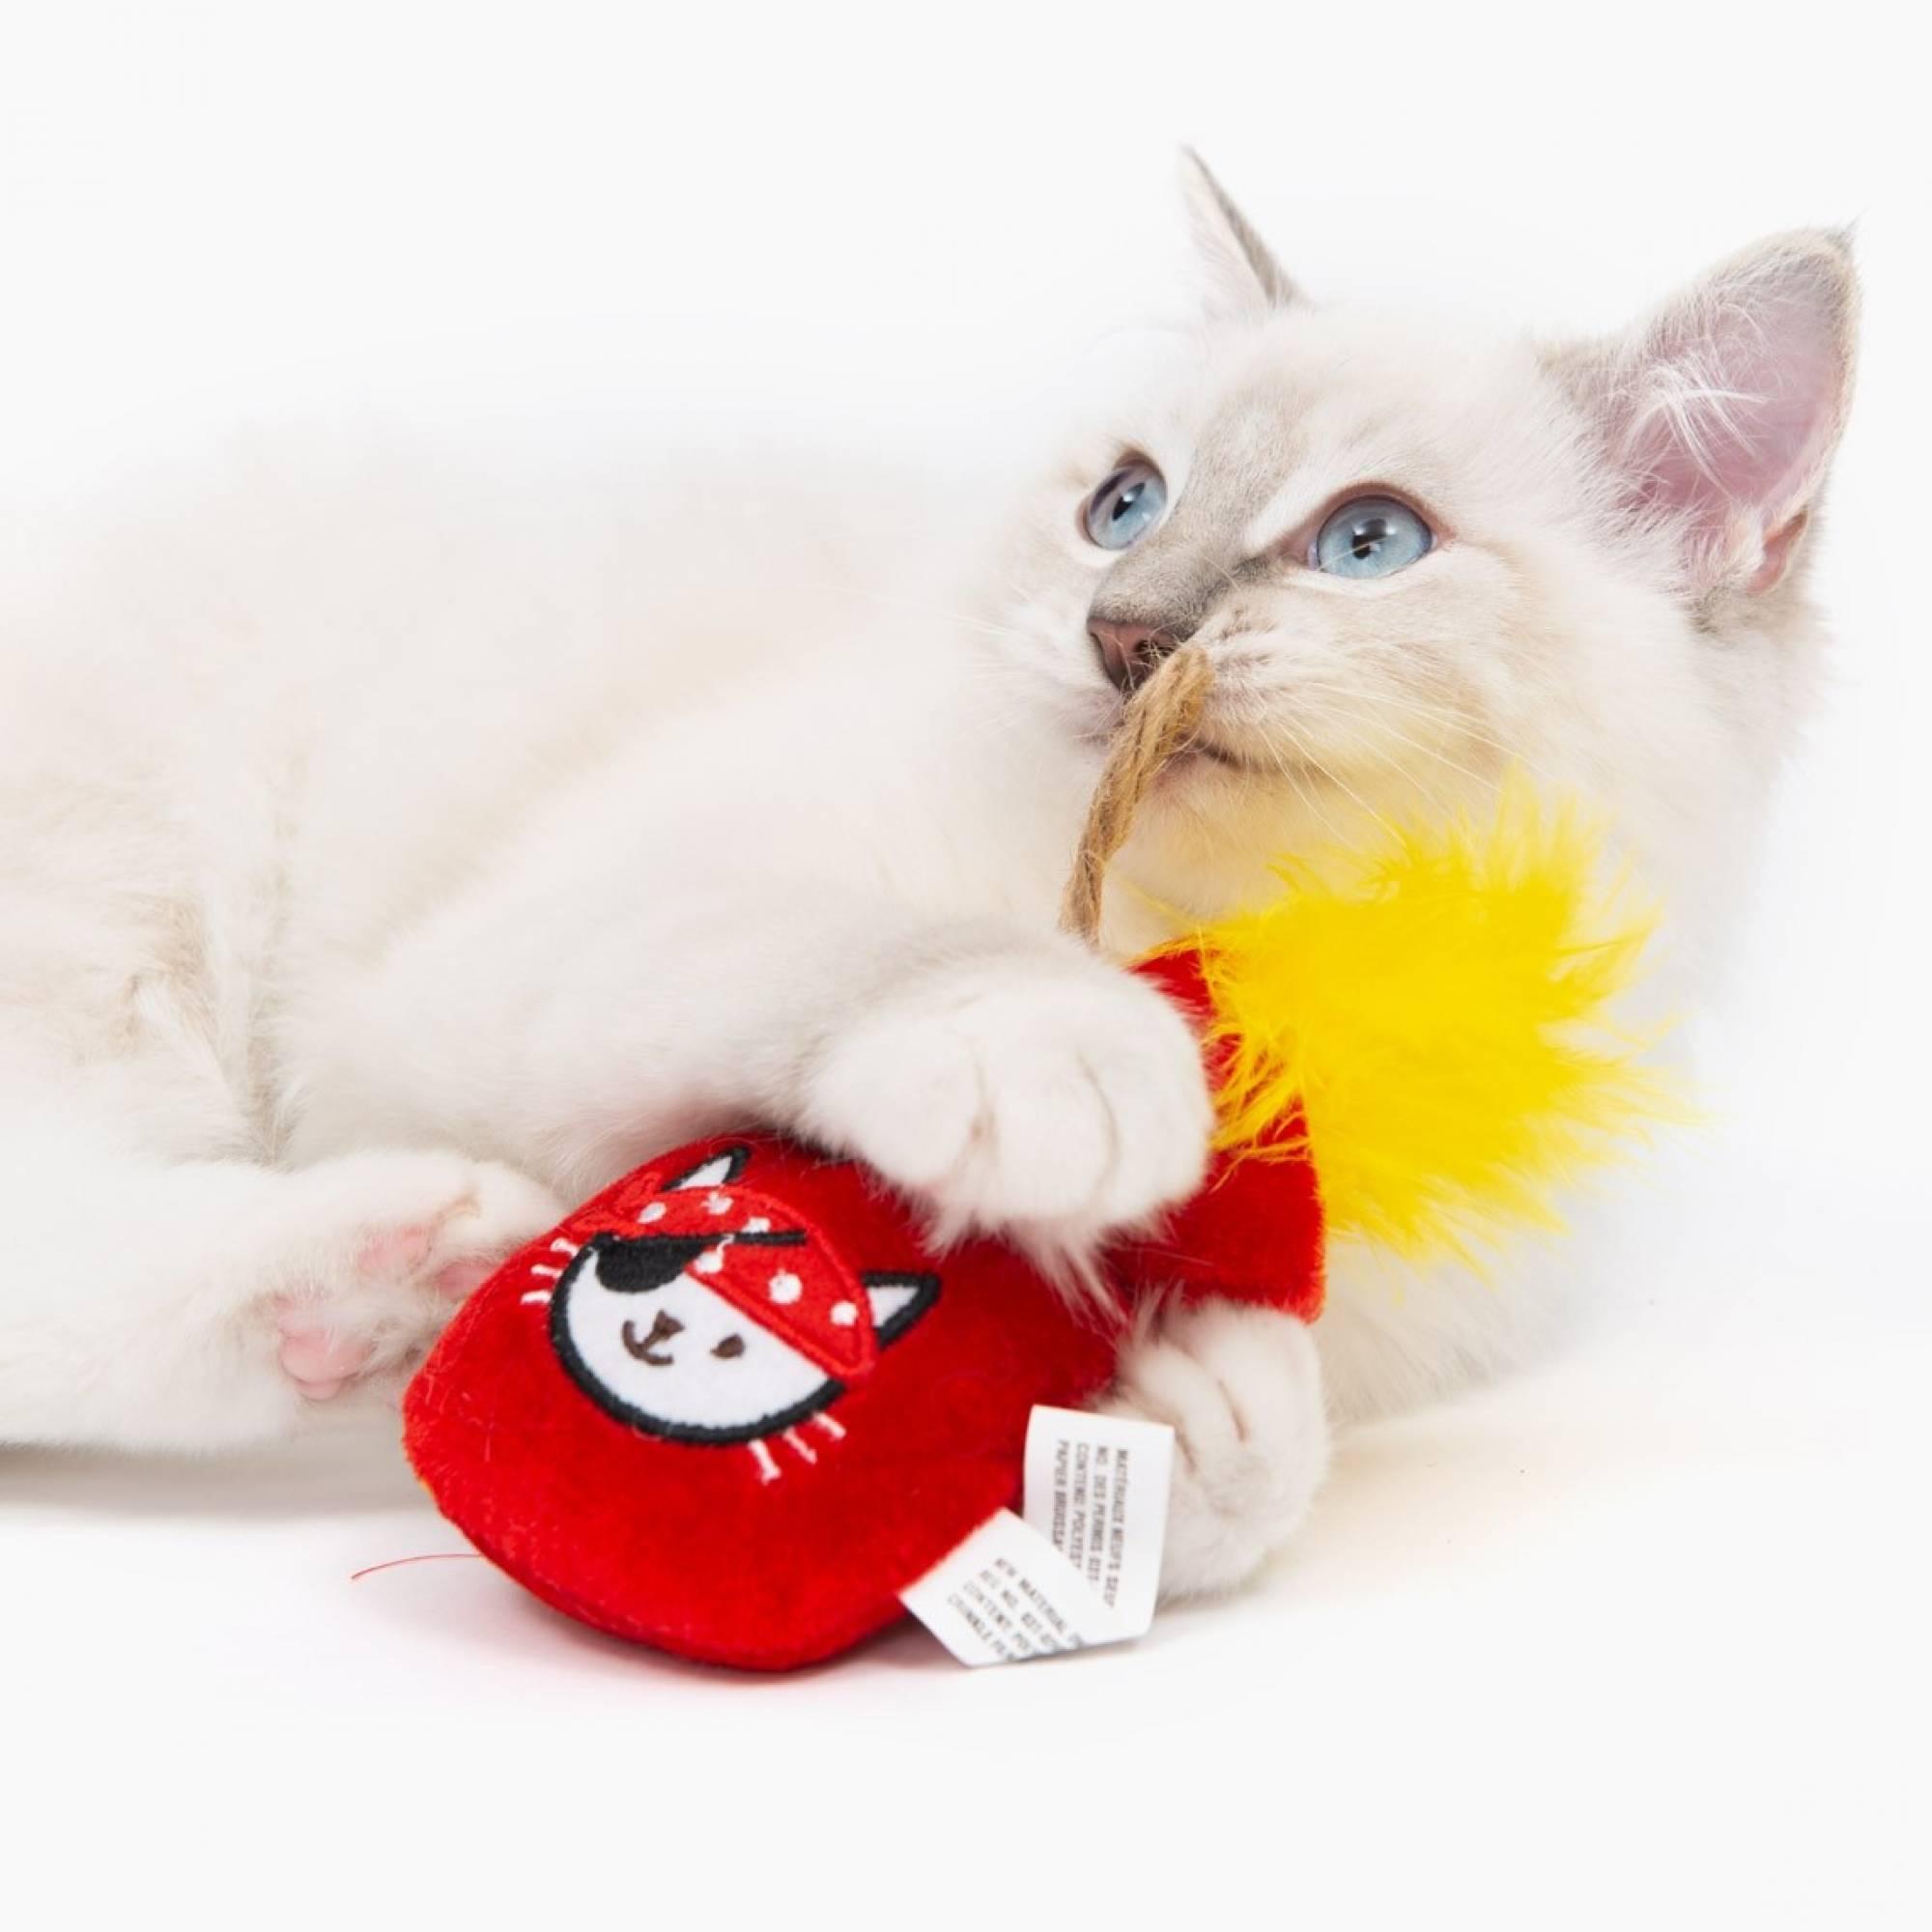 Catit 42483 Cat Pirate Catnip Toy Gold Pouch